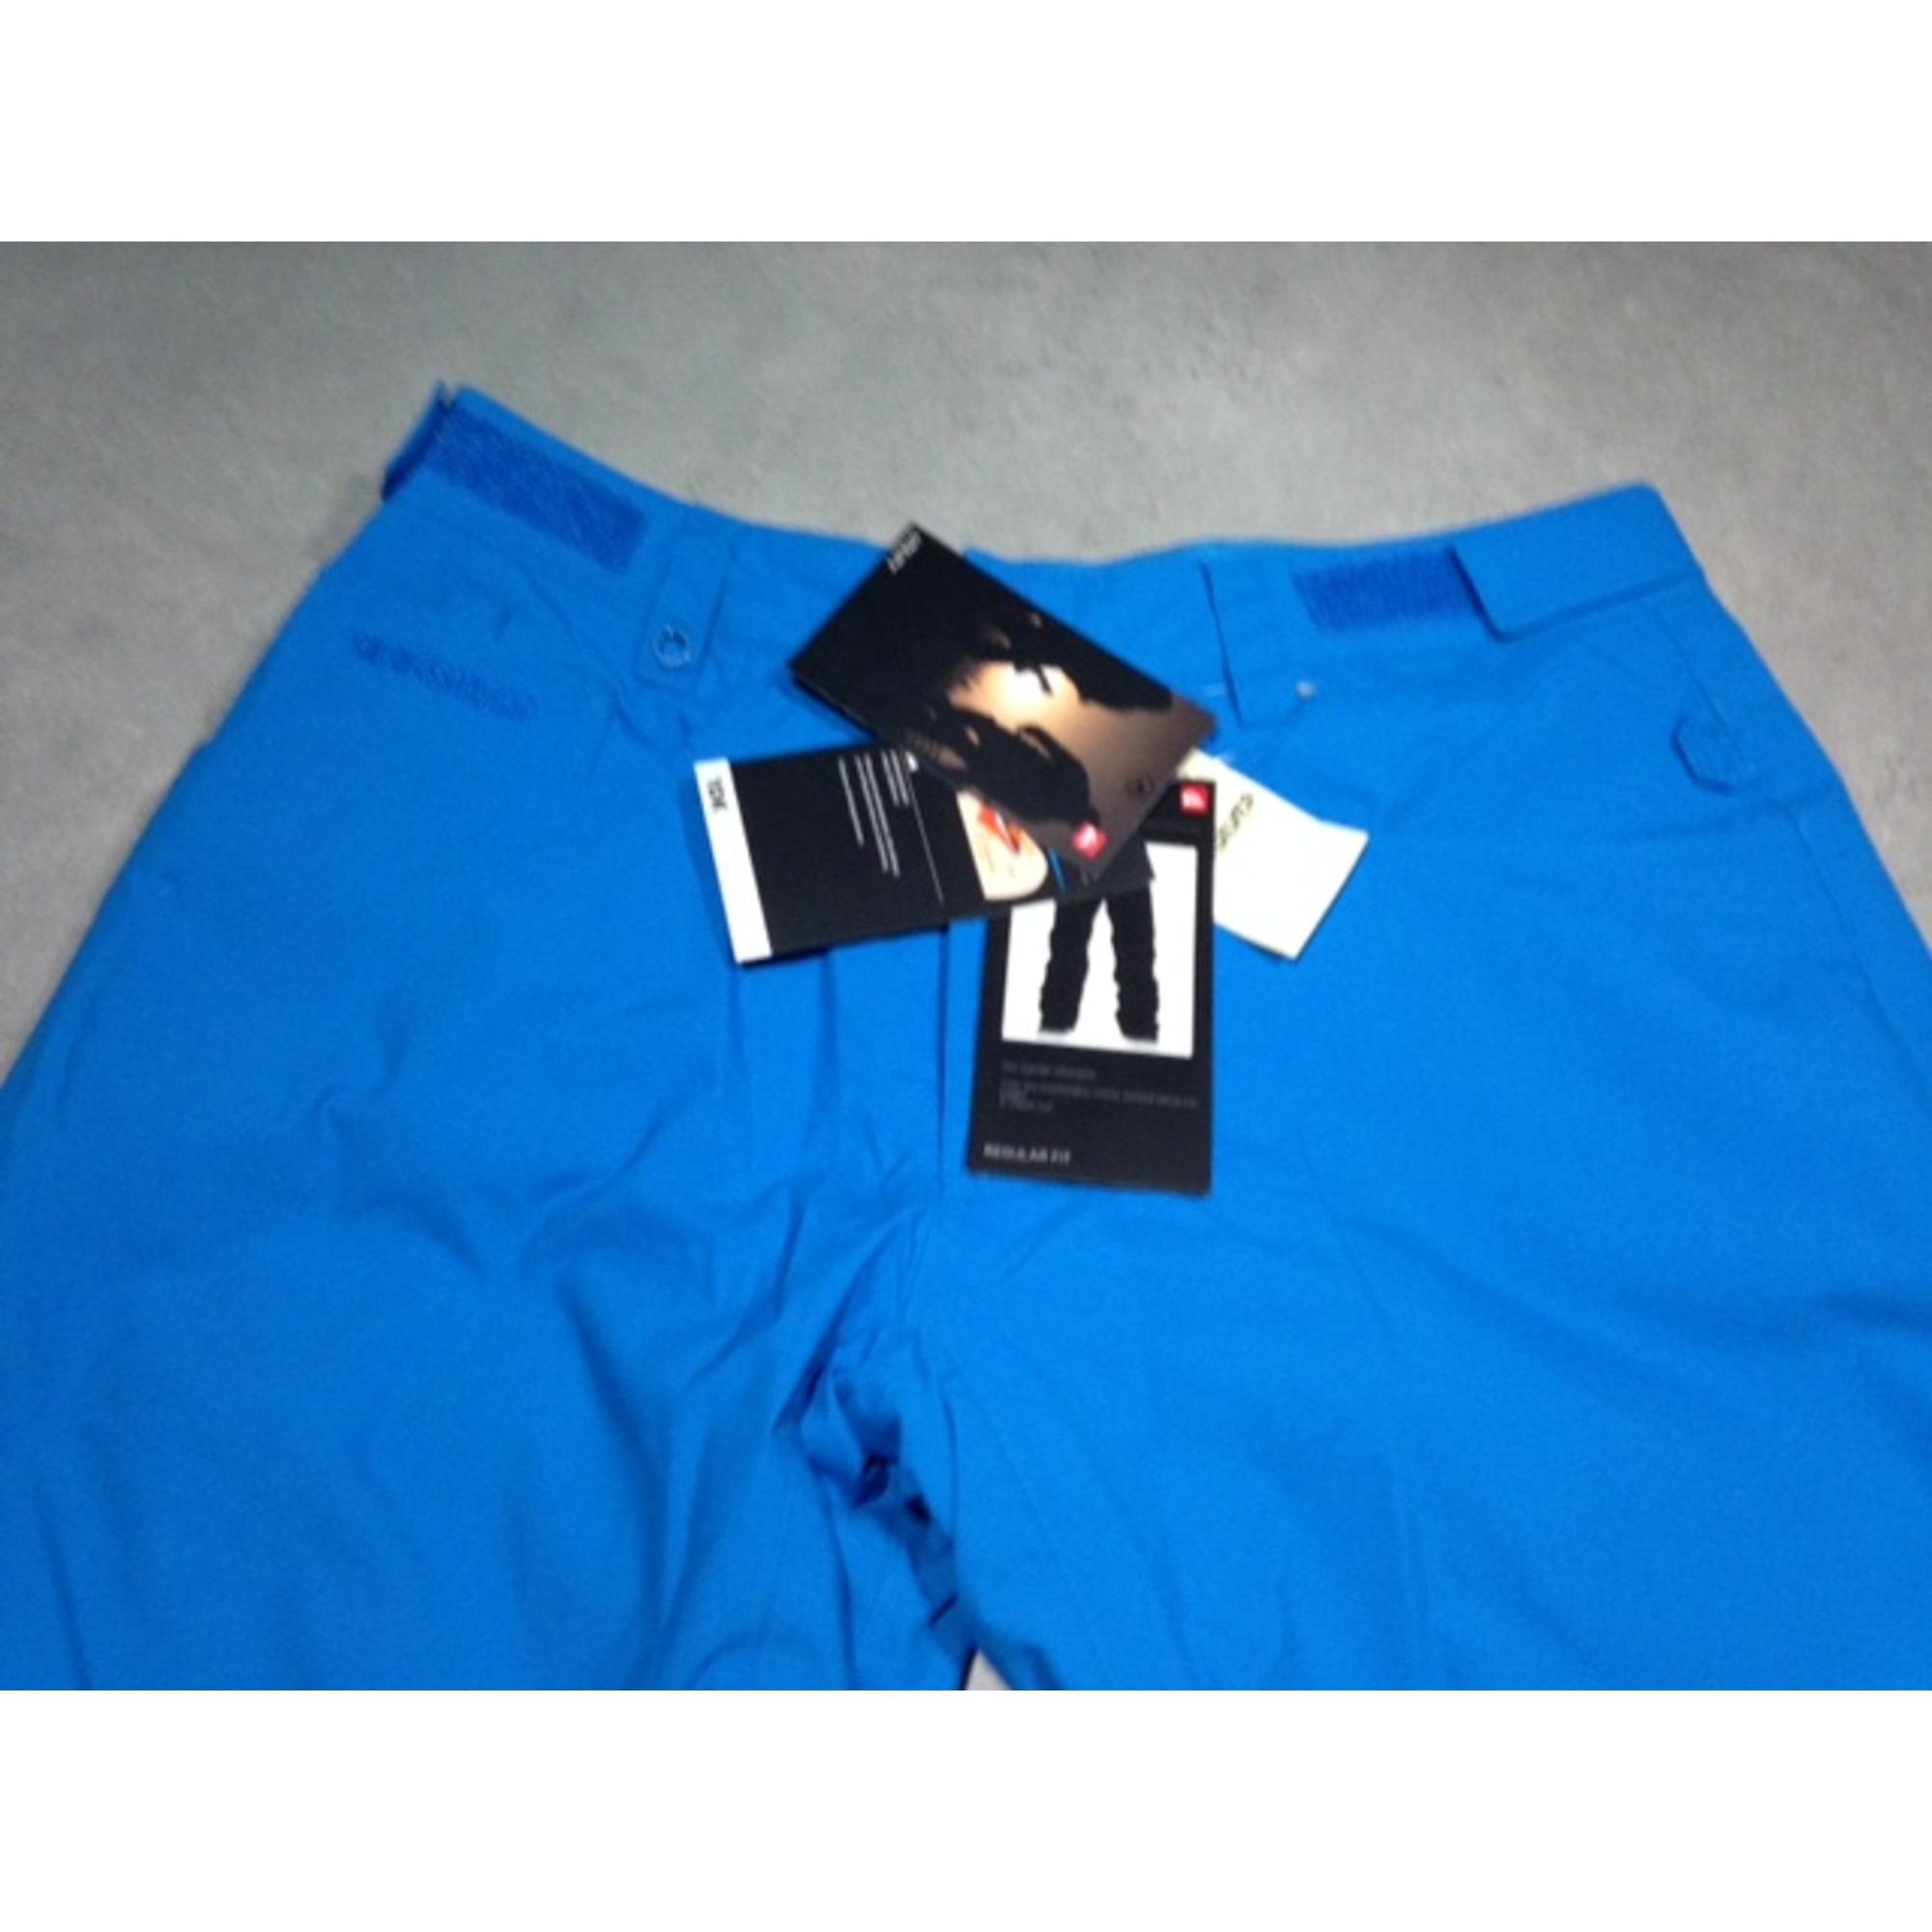 pantalon de ski quicksilver bleu marine